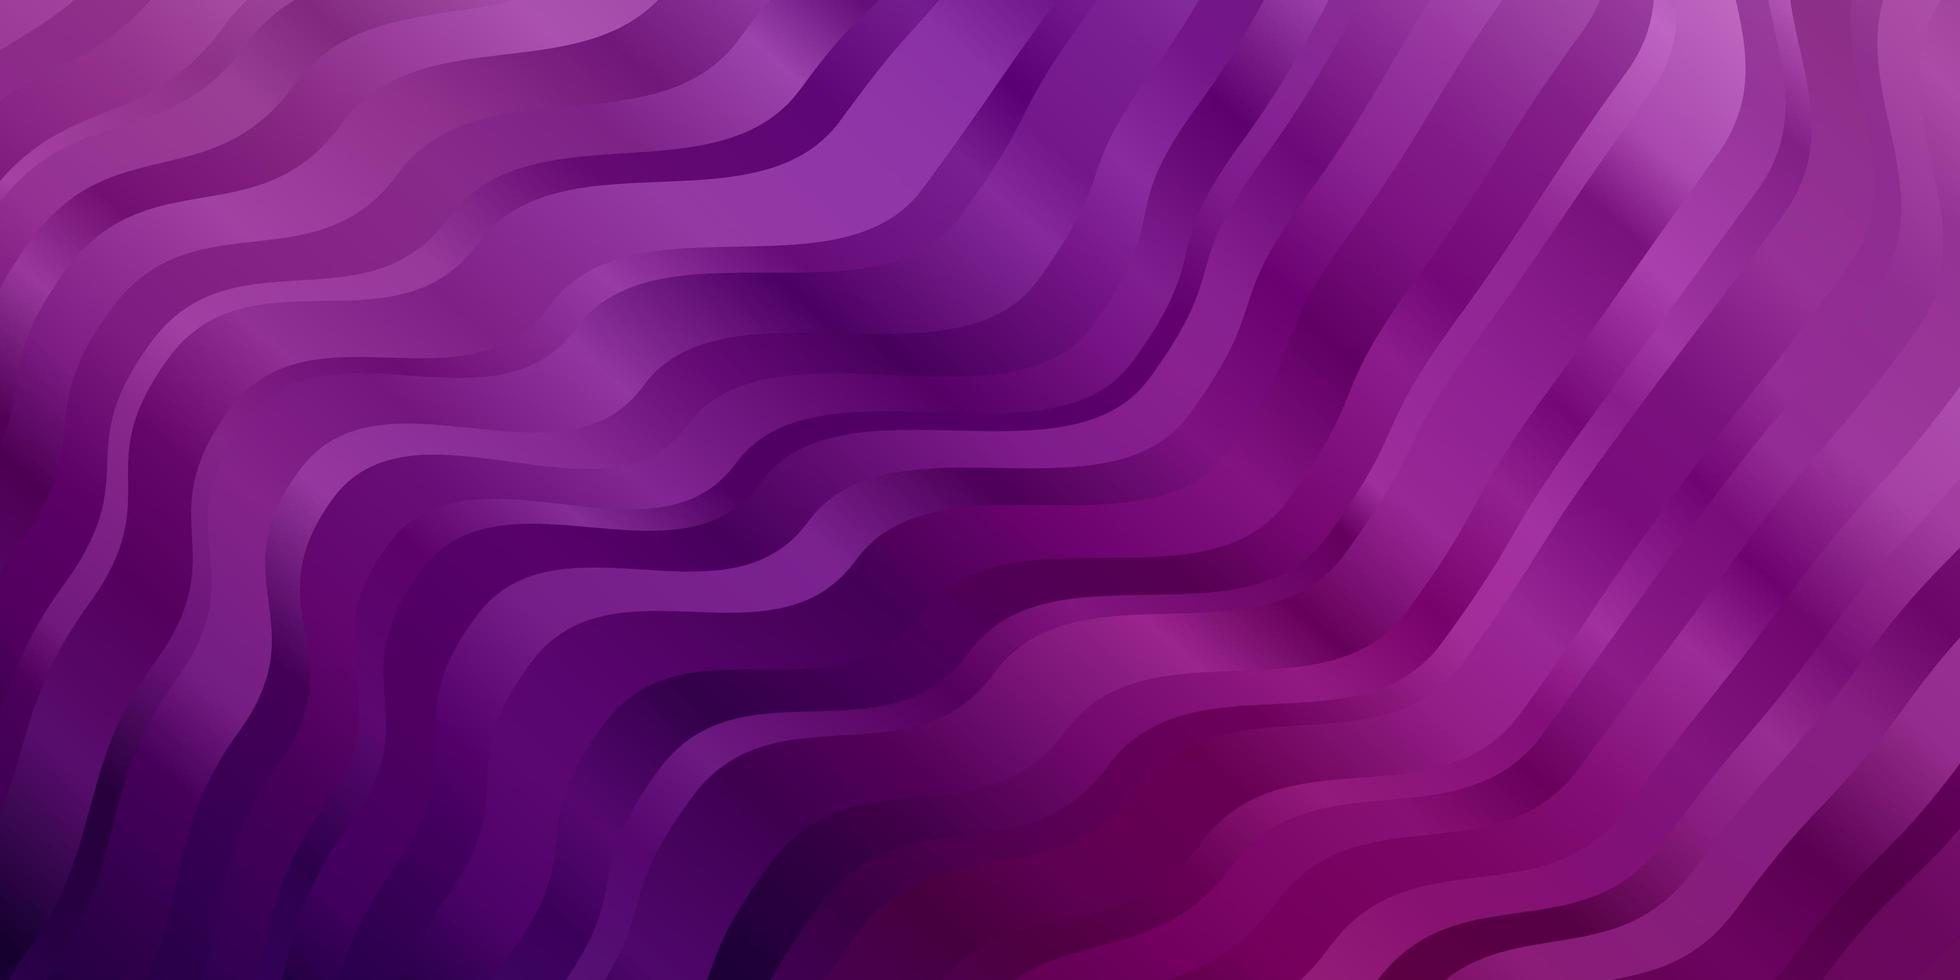 lila und rosa Vorlage mit Linien. vektor